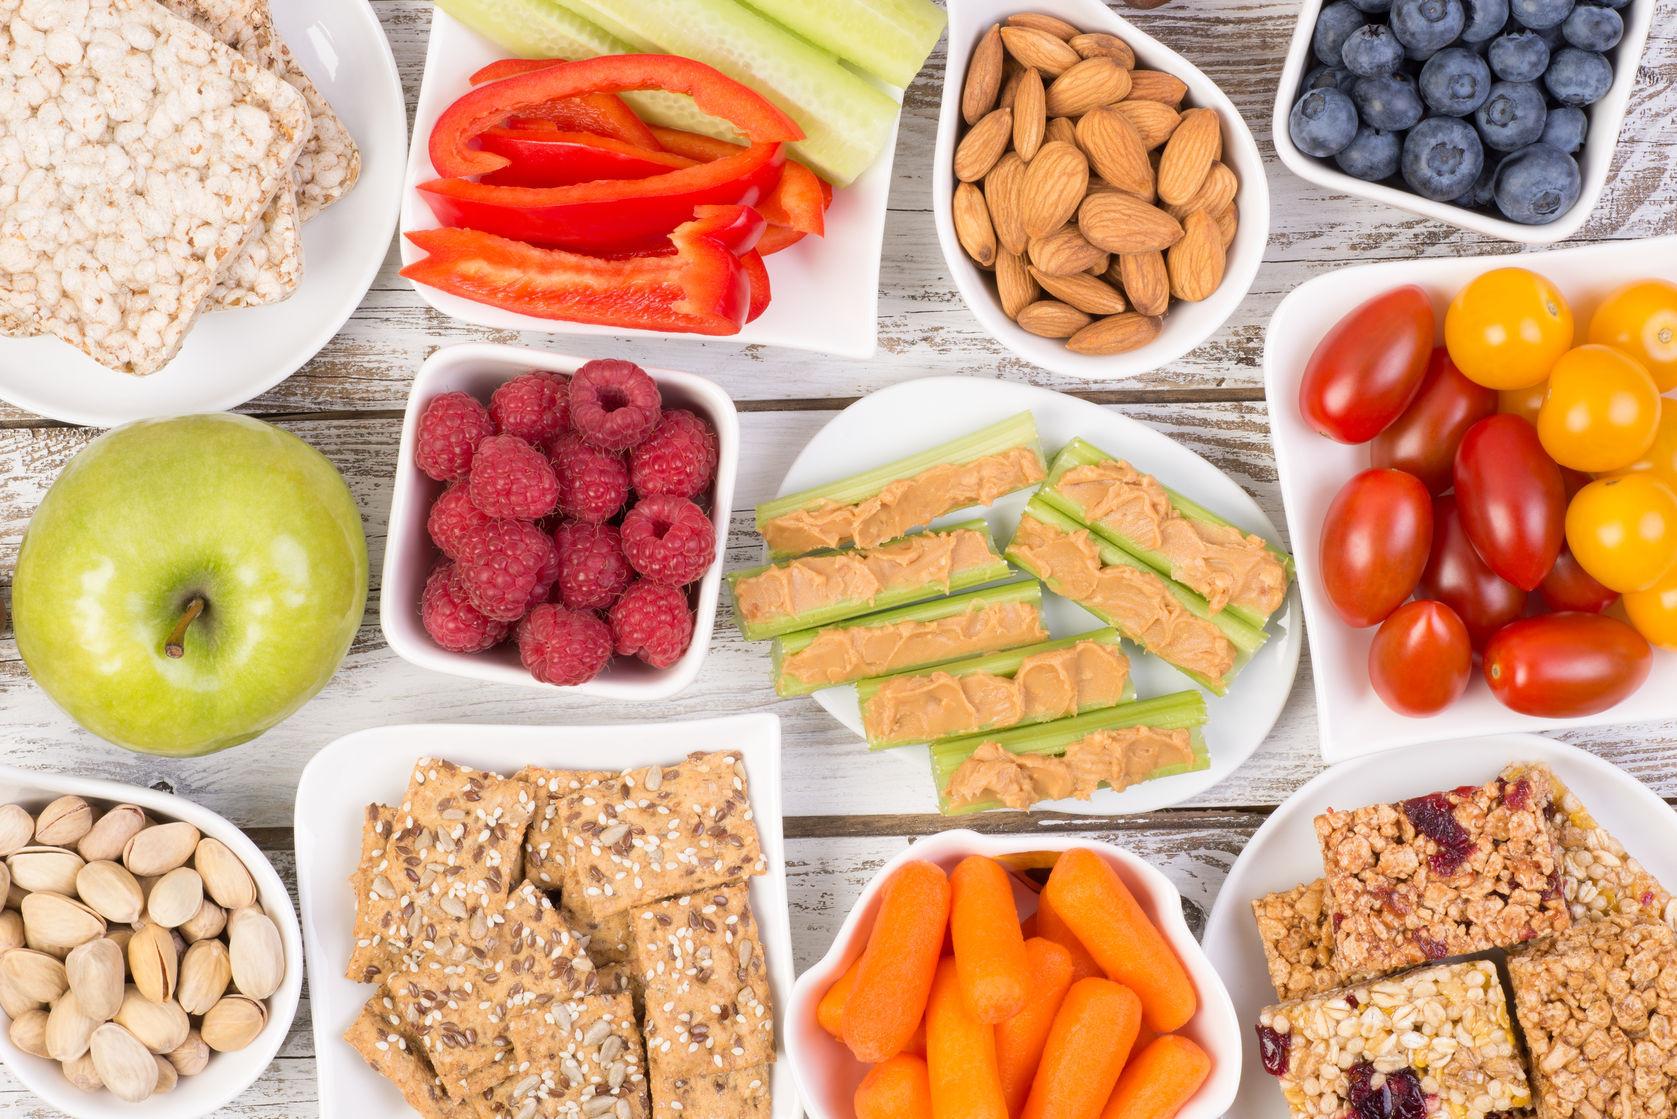 Healthy Snacks Ideas  5 Healthy Snack Ideas That Require NO Skills